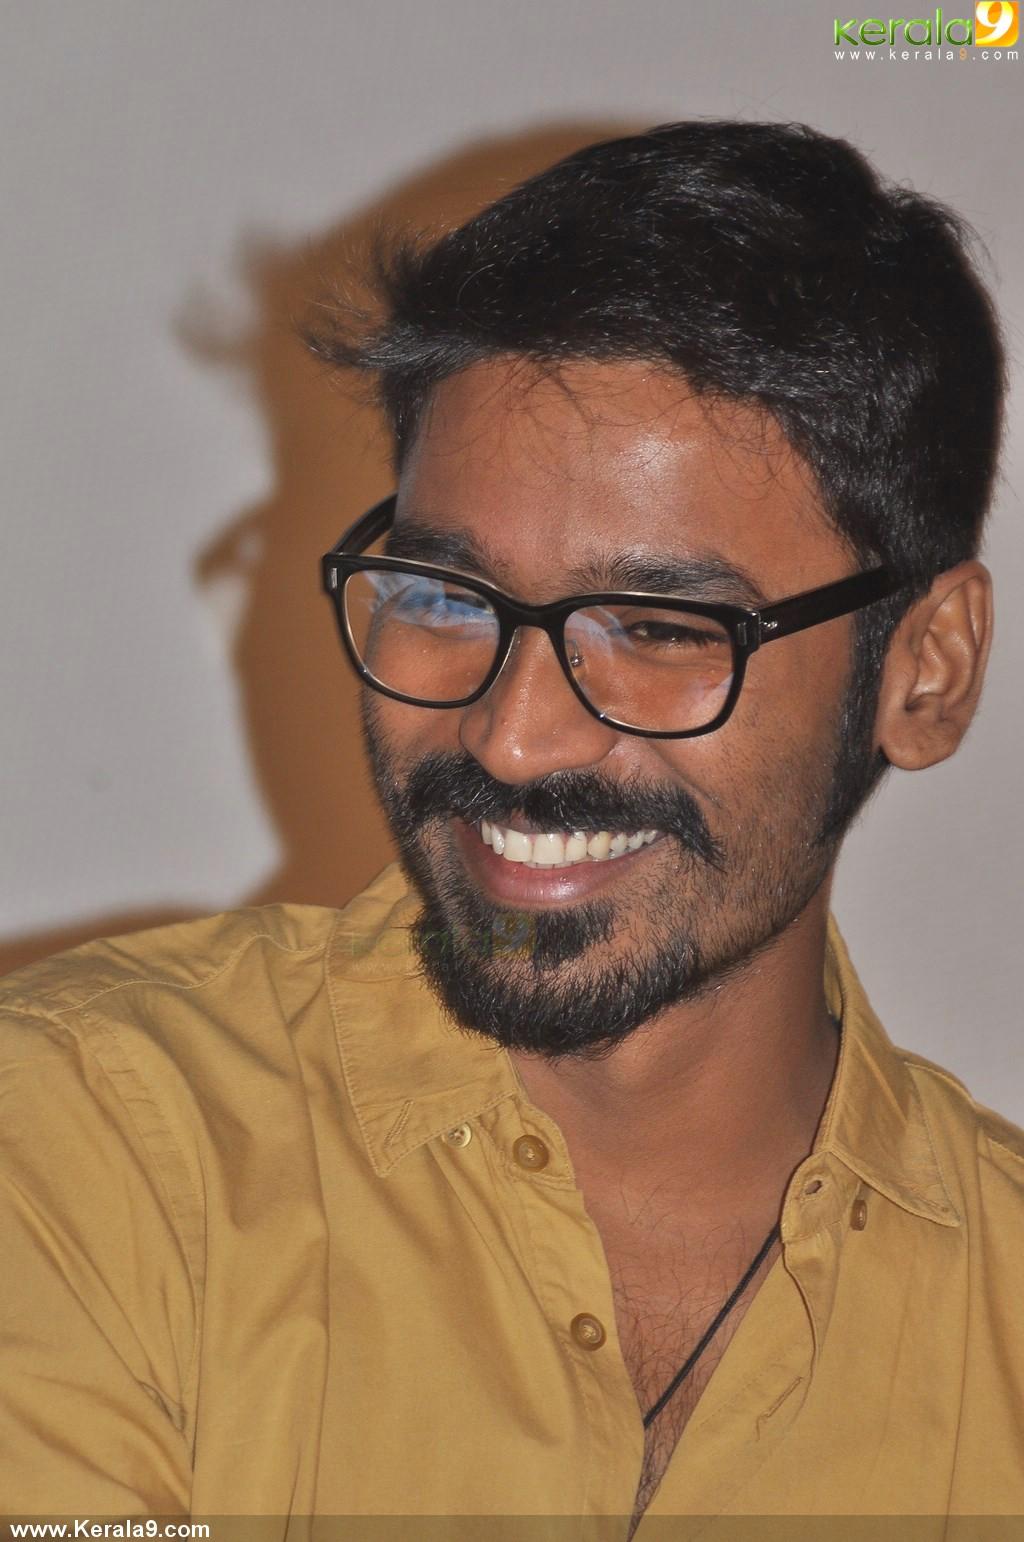 dhanush at anegan tamil movie audio launch photos 00617 - kerala9